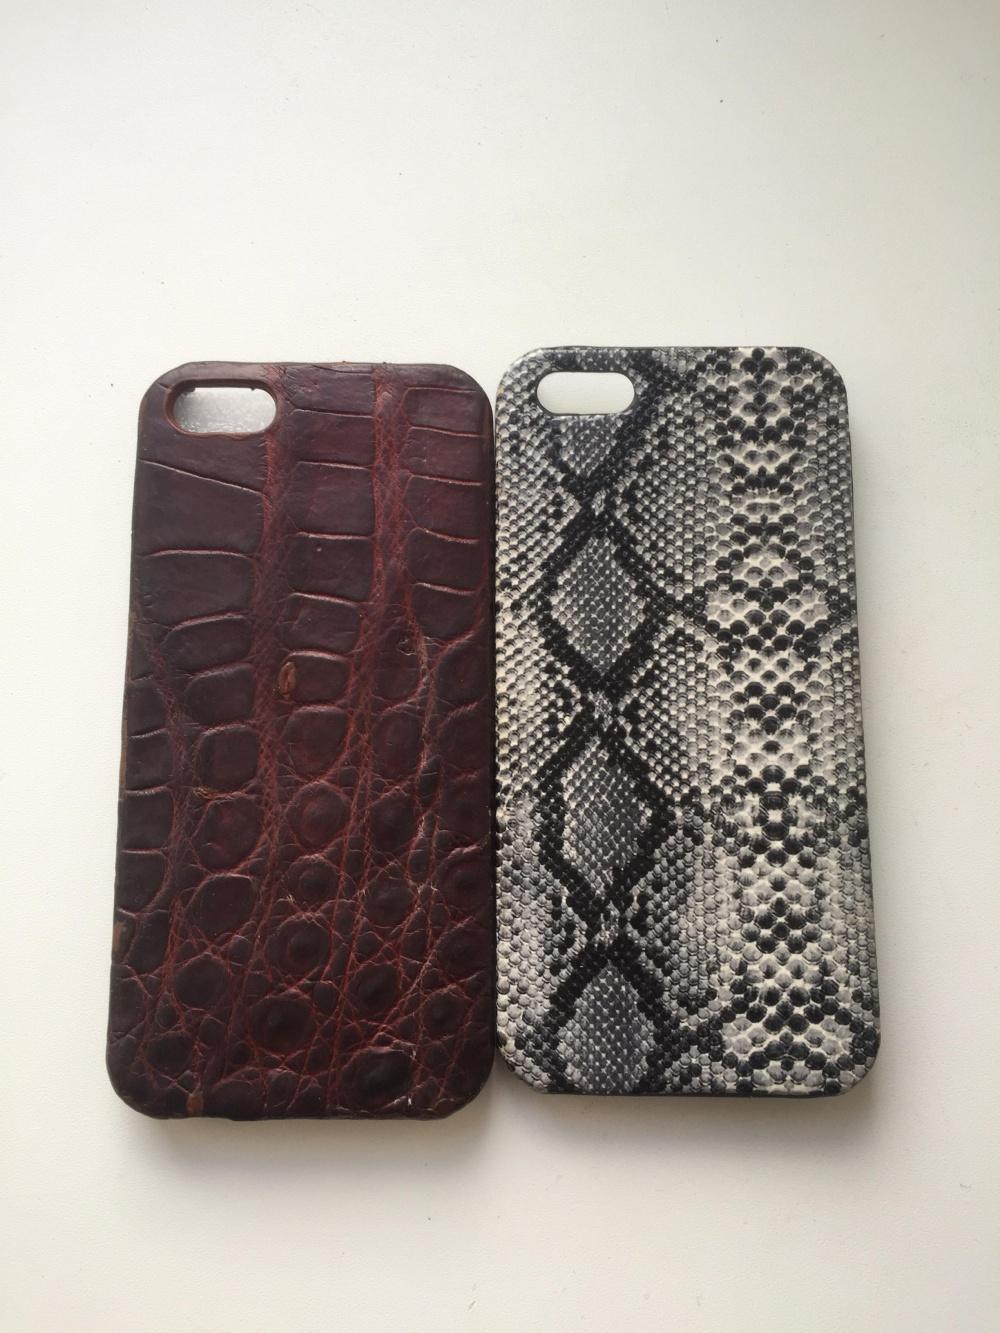 Чехол для IPhone 5/5s из крокодиловой кожи